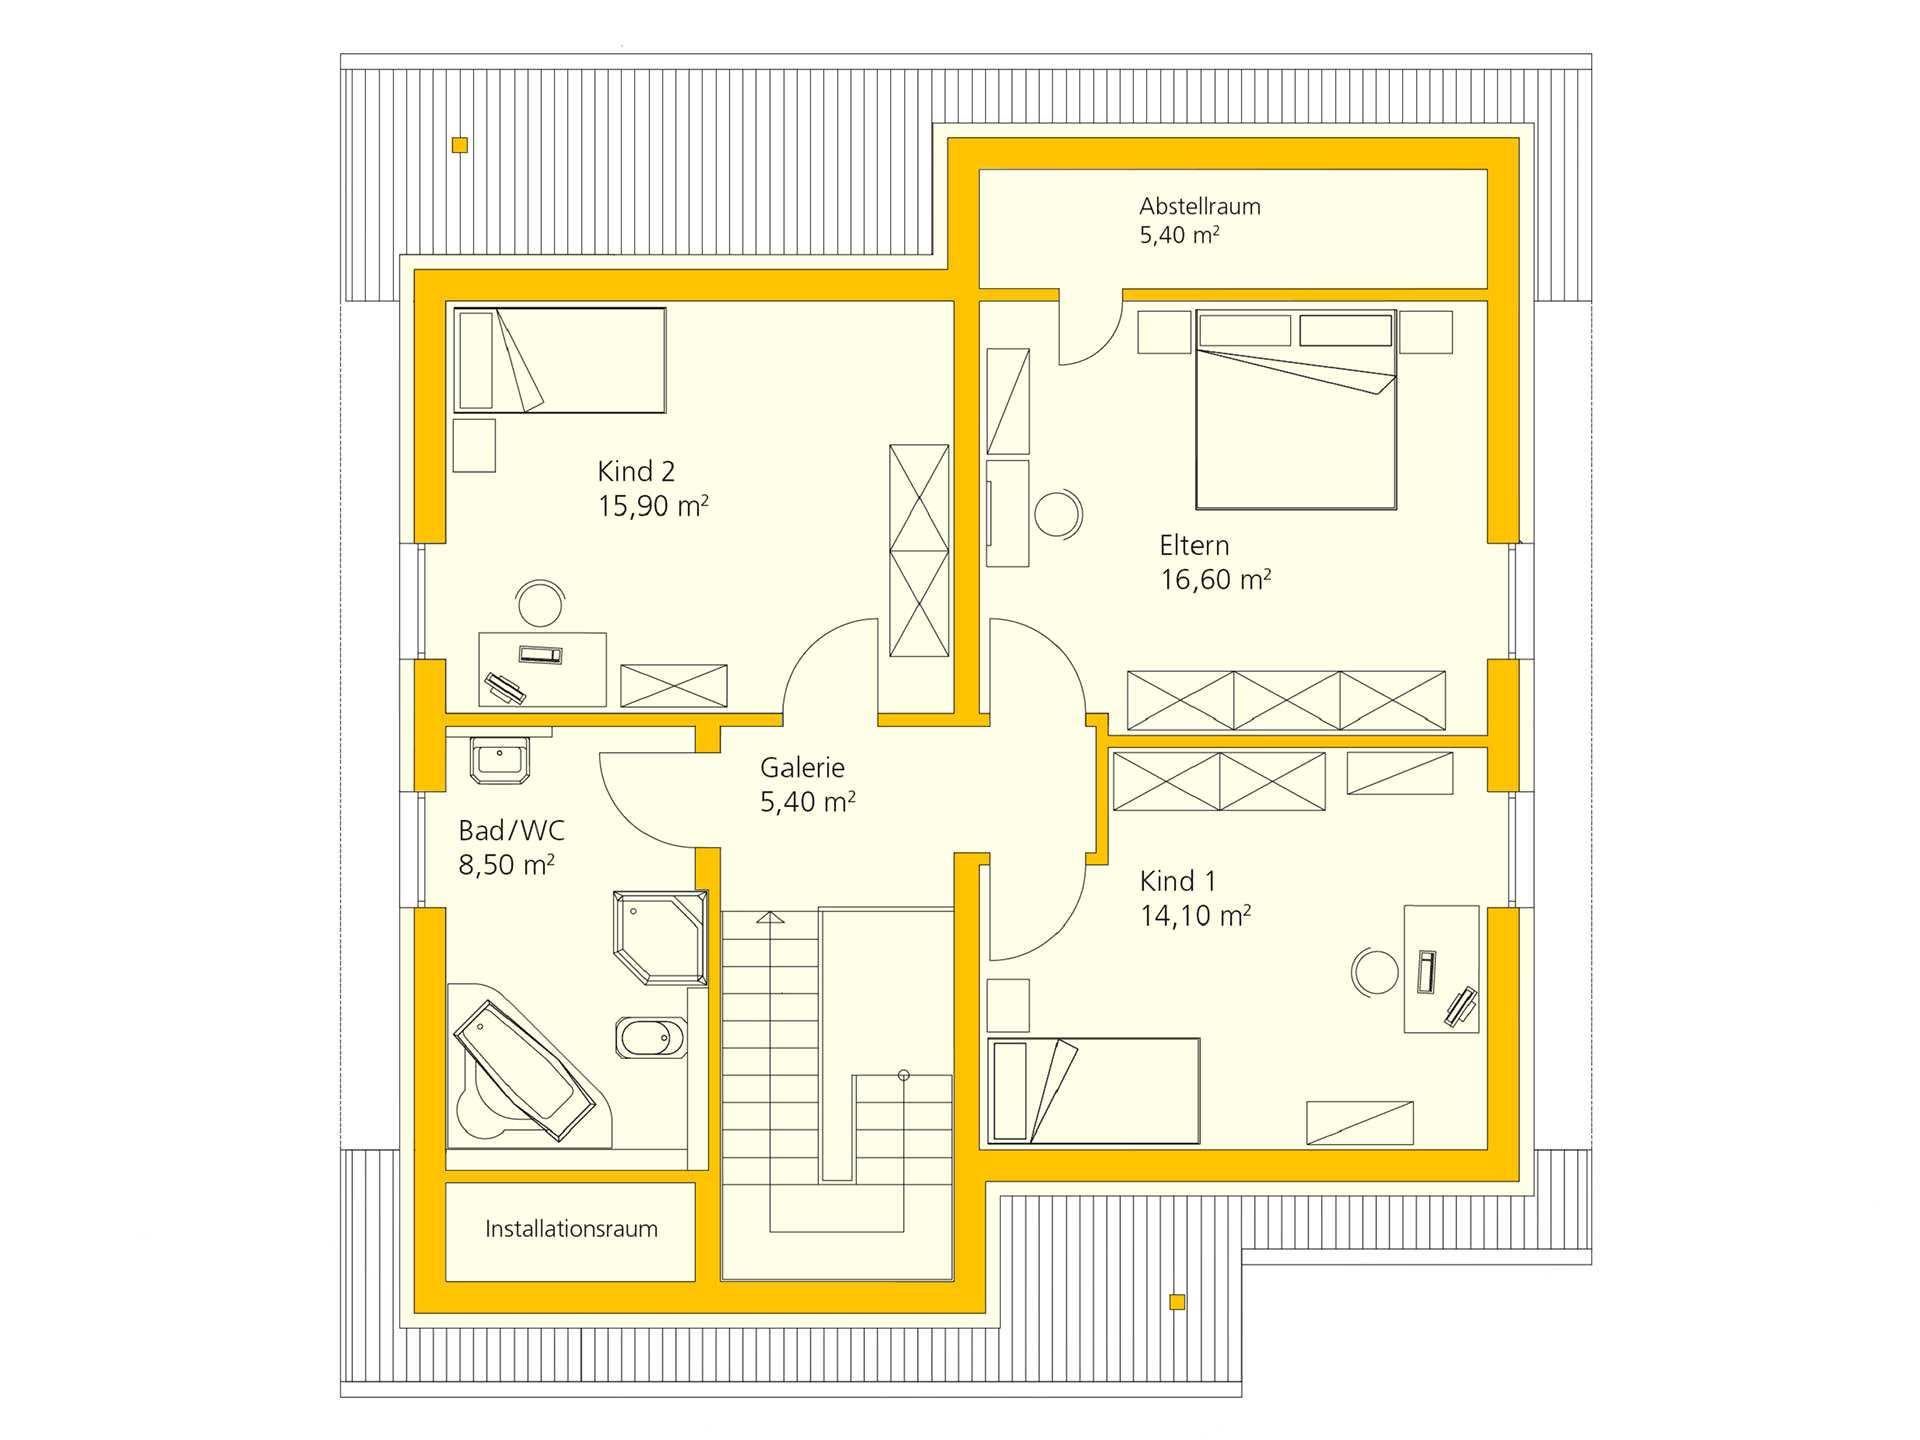 Ankleidezimmer planen  Hilfreiche Anregungen & Ideen